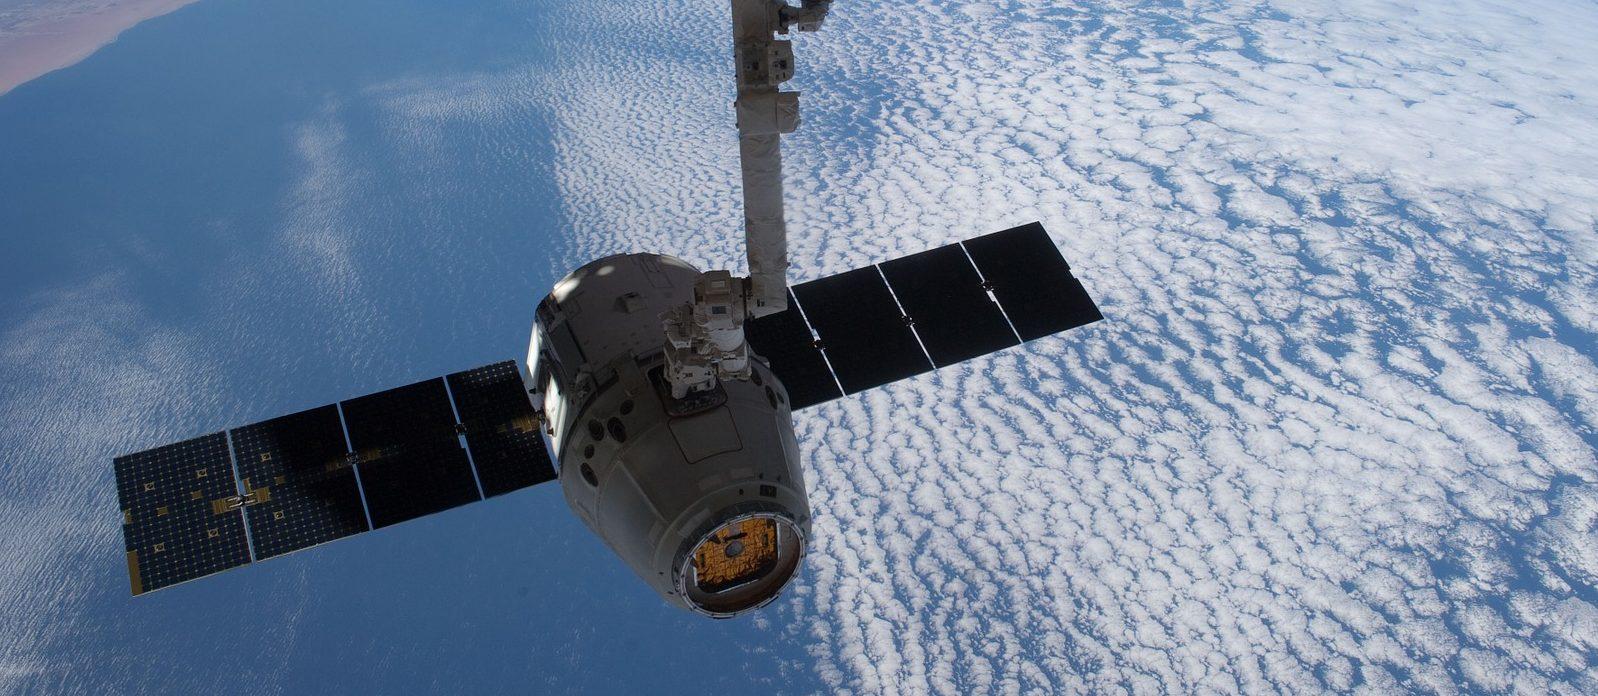 SpaceX y Space Adventures se unen para impulsar viajes espaciales